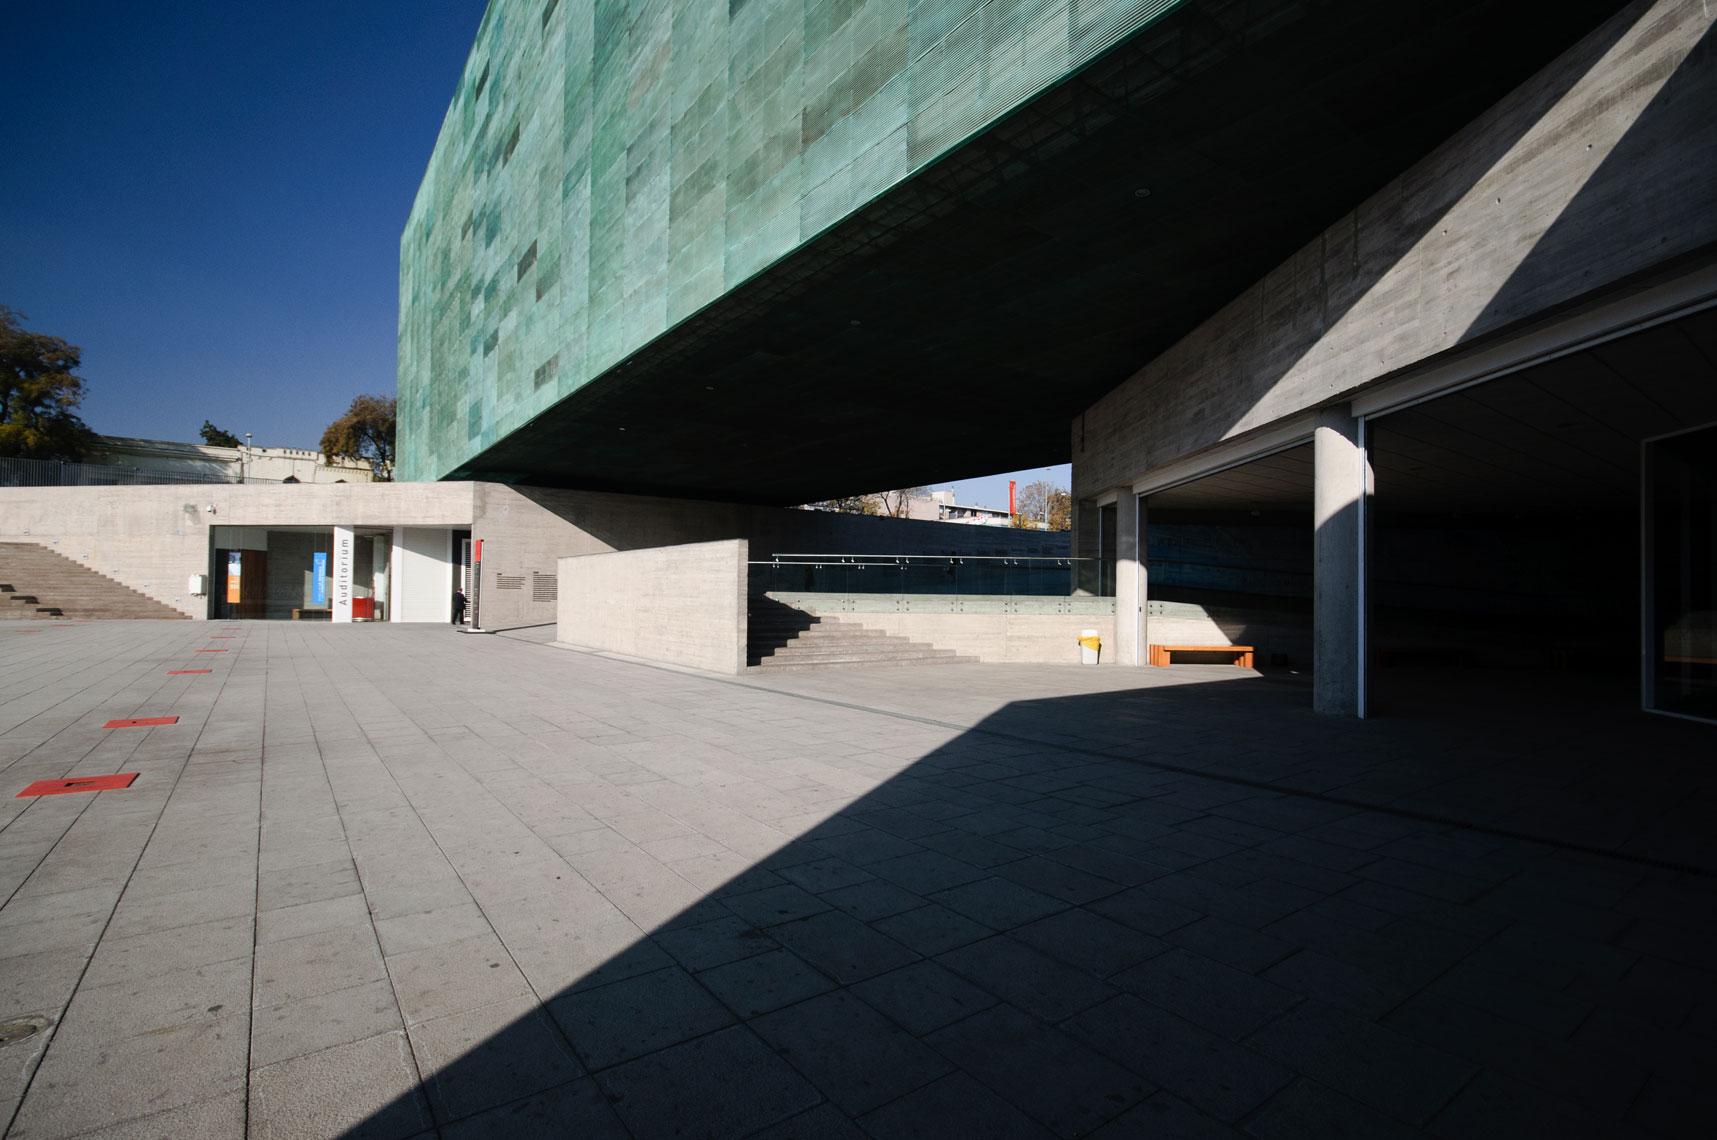 Museo-de-la-Memoria---Victor-Perez-Architecture-Photographer-15.jpg